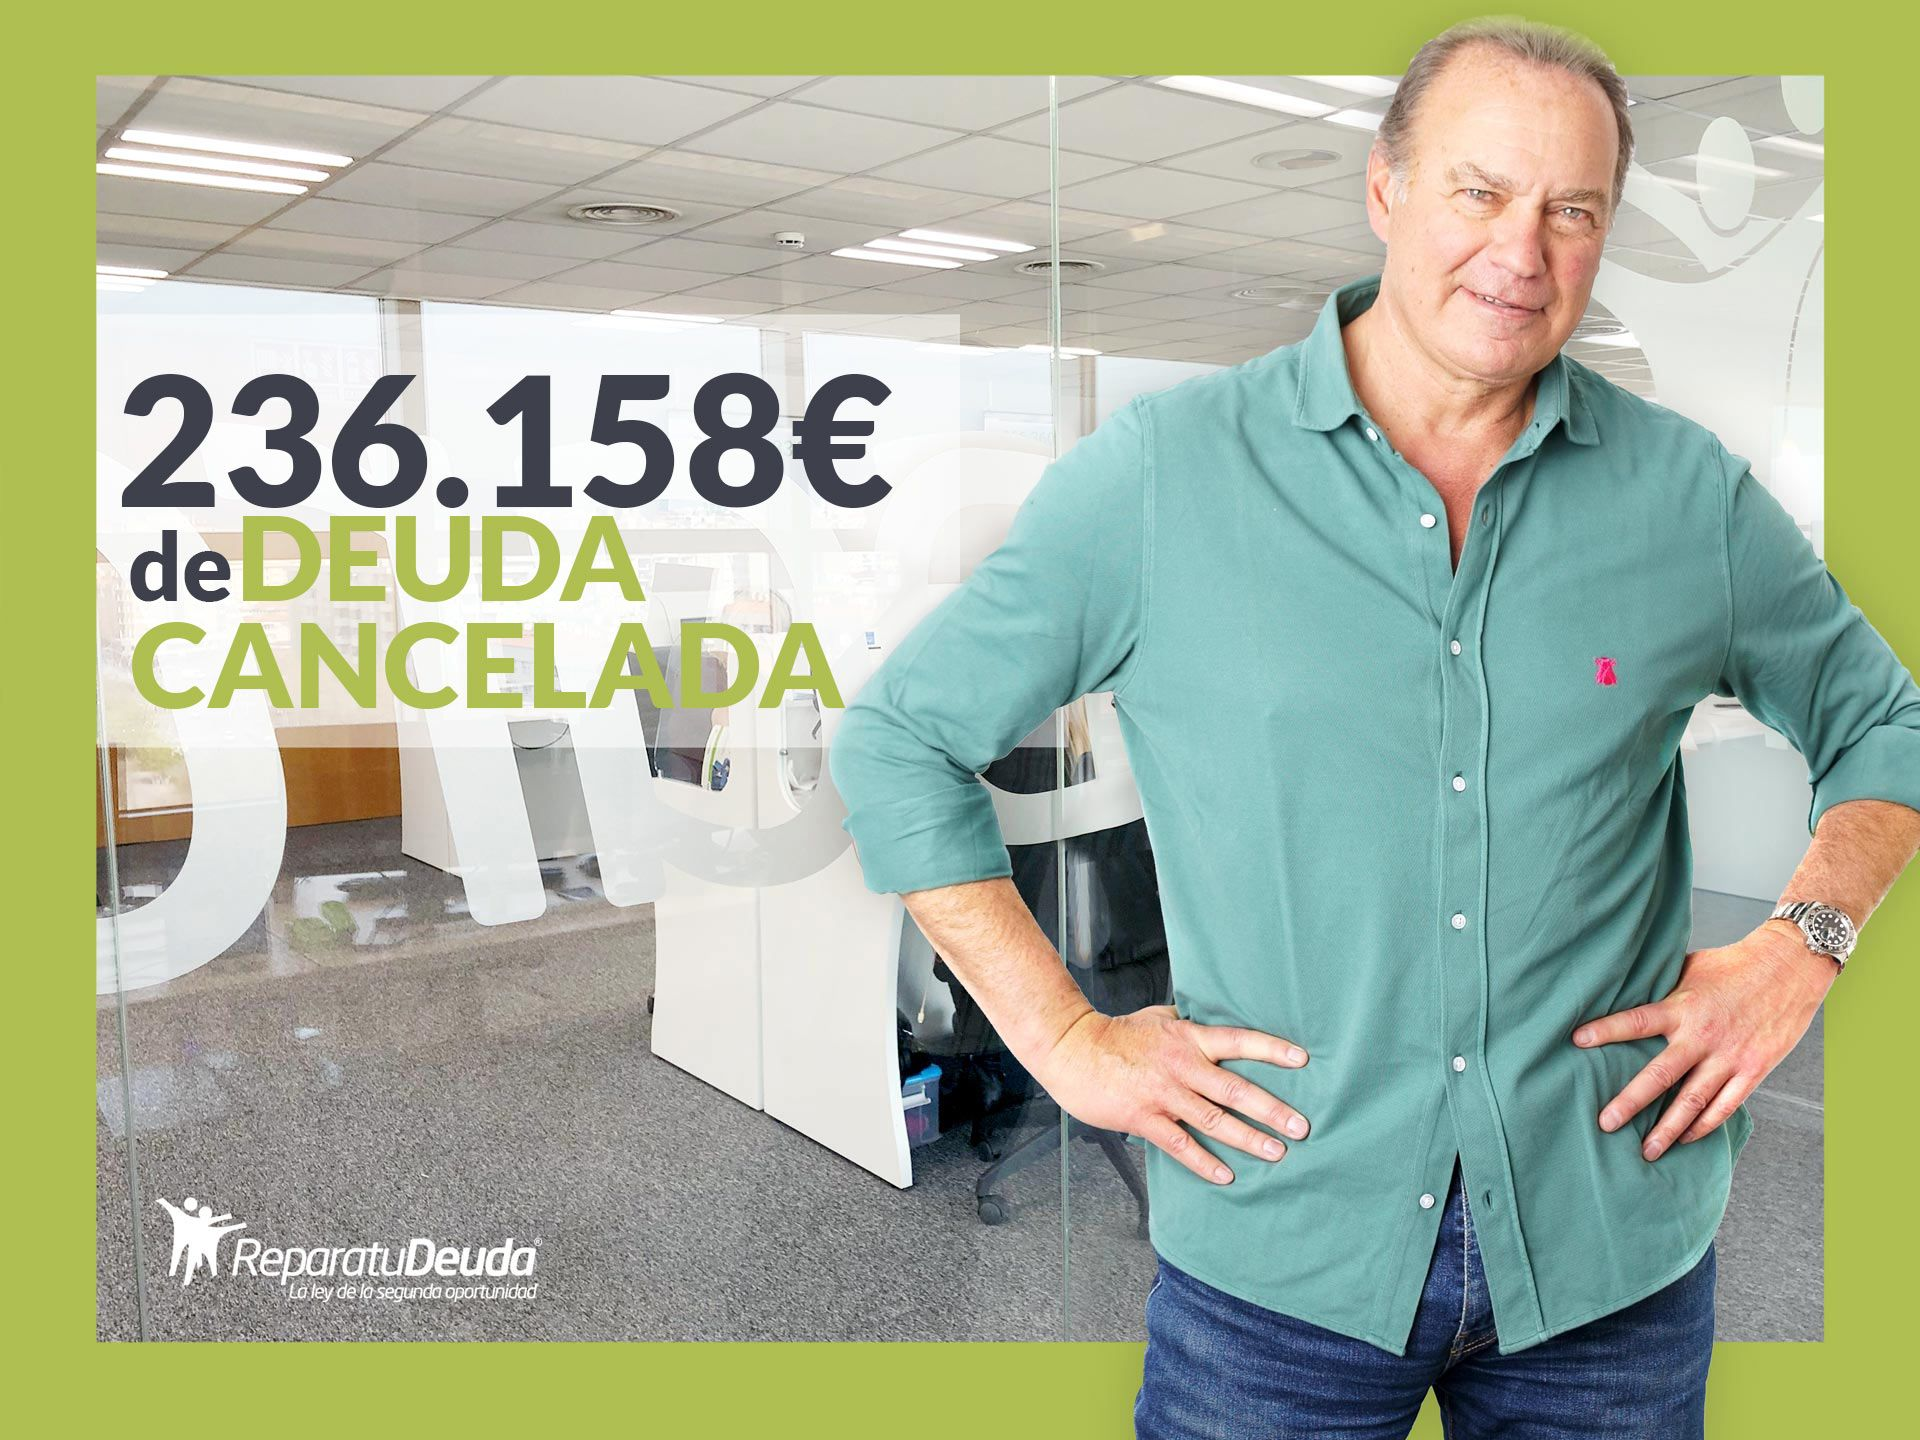 Repara tu Deuda Abogados cancela 236.158 ? en Bilbao (Vizcaya) con la Ley de Segunda Oportunidad